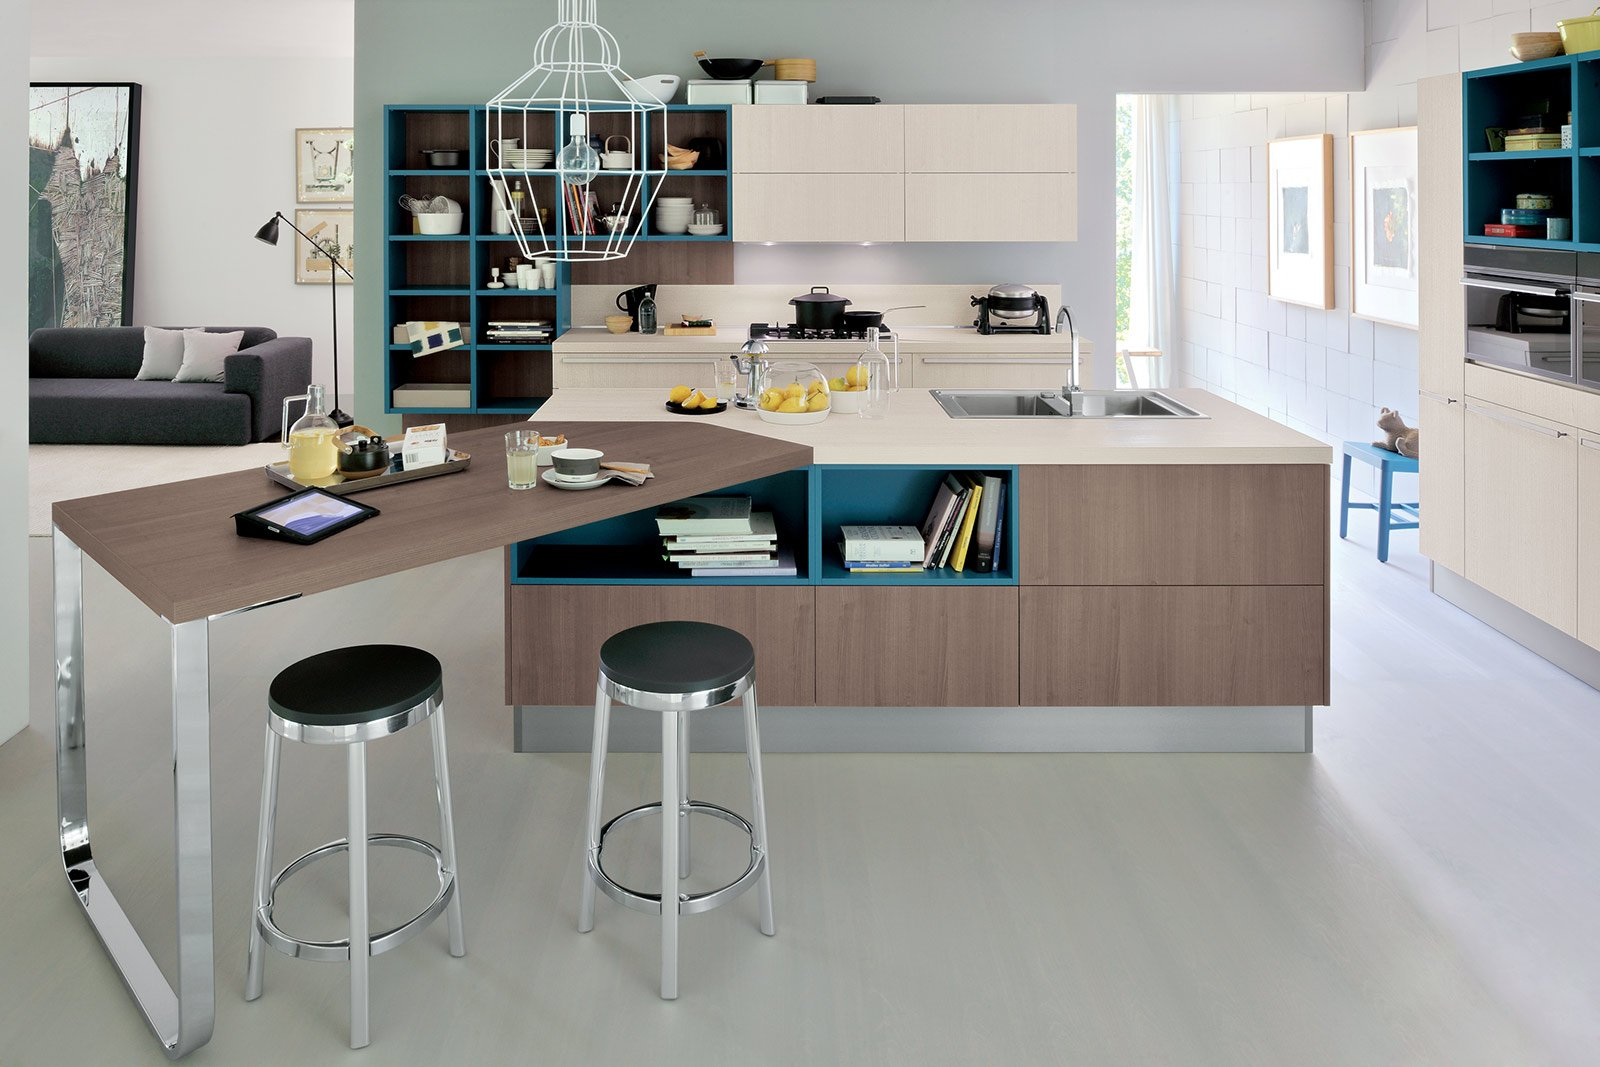 Banco snack pratico e conviviale cose di casa - Tavolo snack cucina ...